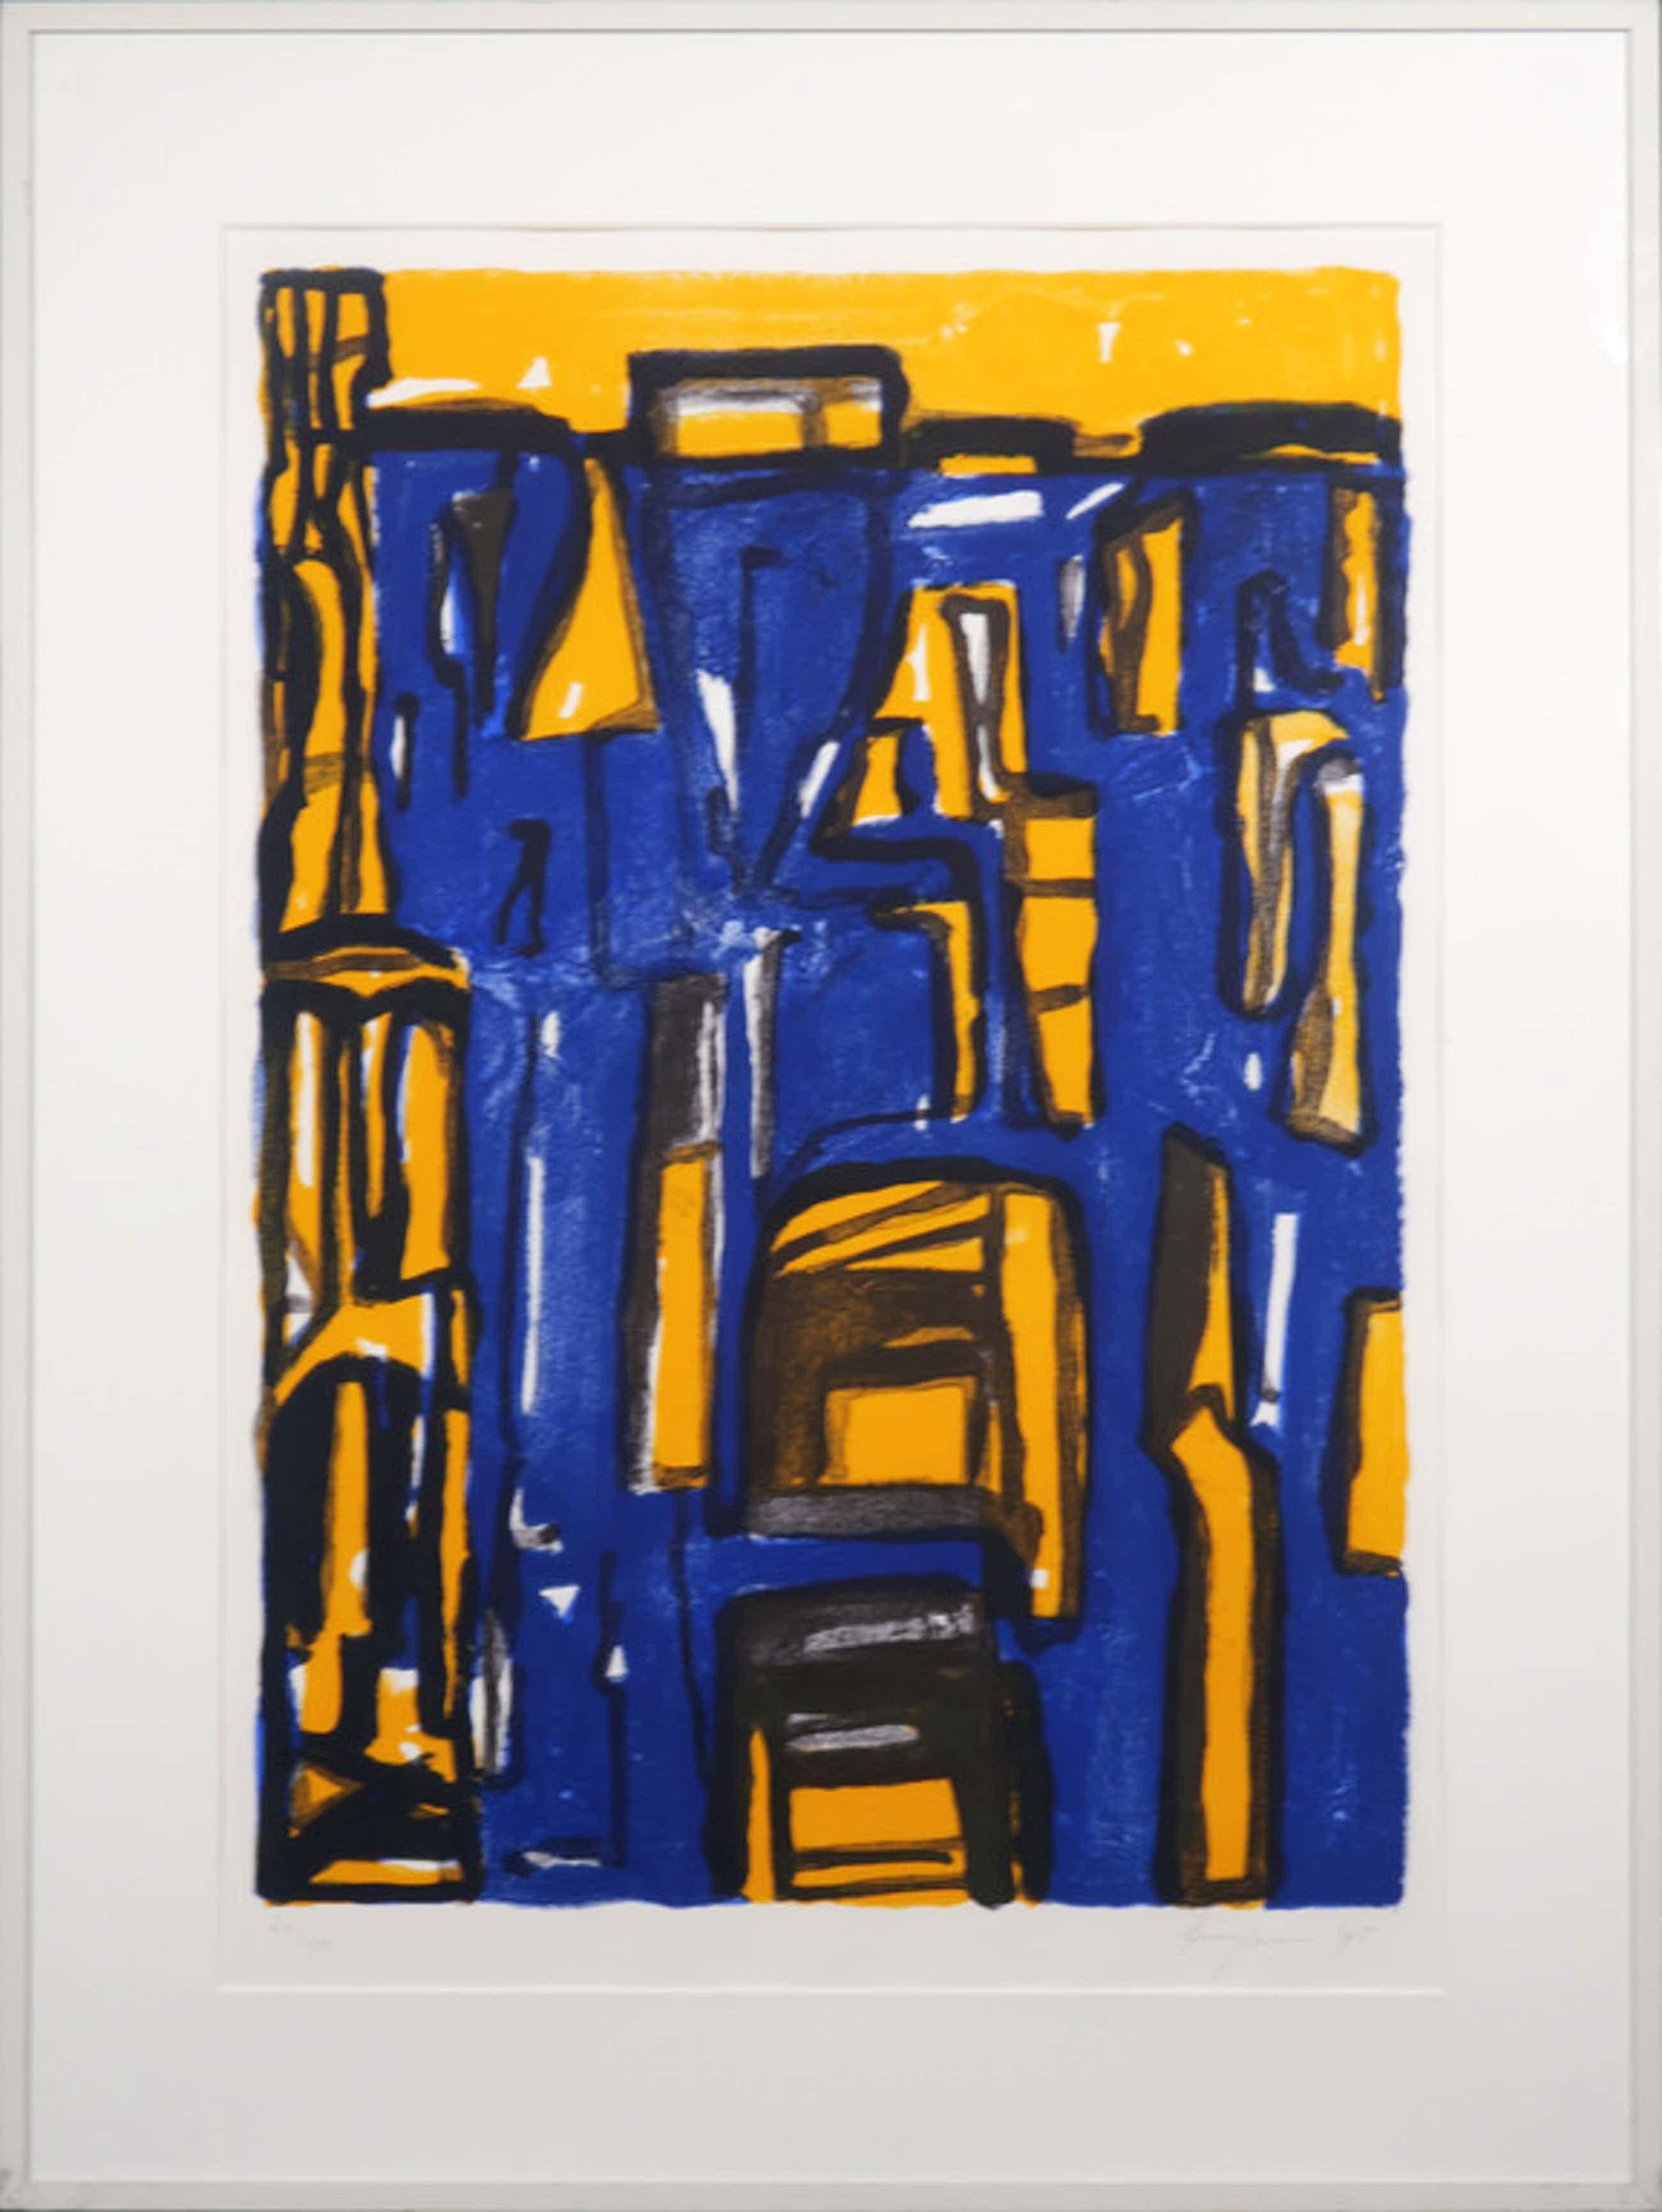 Theo Kuijpers: Litho, Z.T. (blauw/geel) - Ingelijst kopen? Bied vanaf 47!